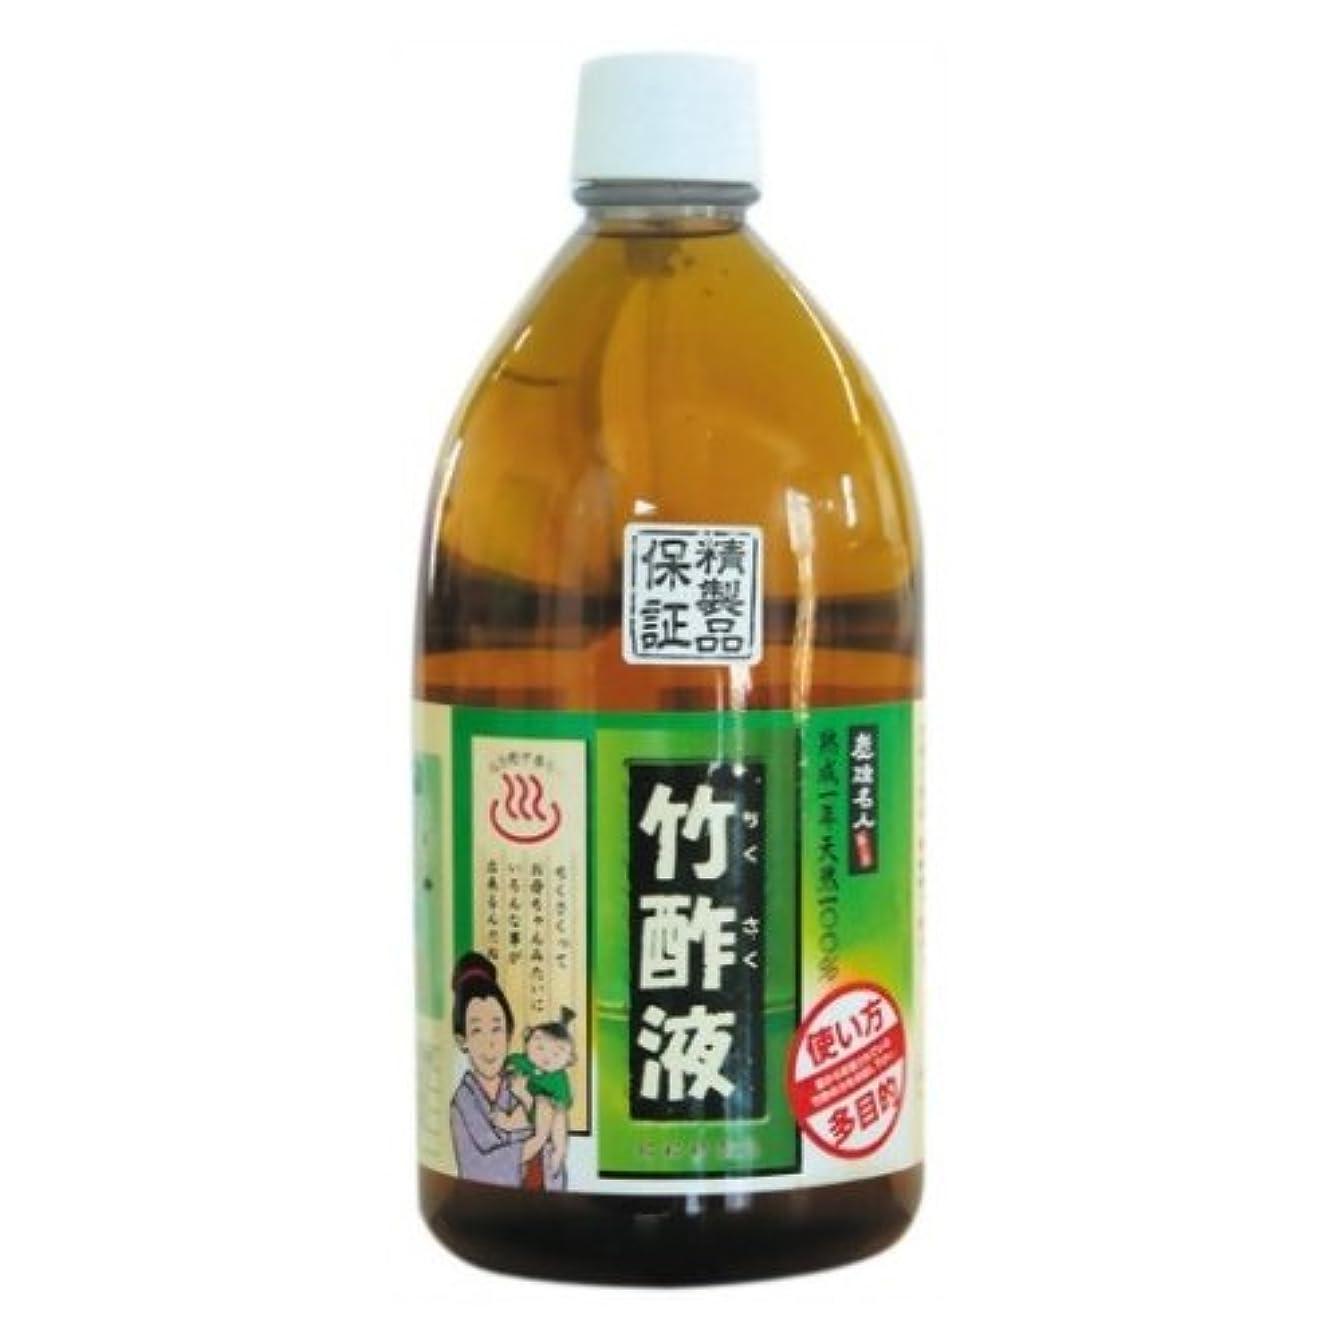 条件付き予想外広げる竹酢液 お風呂用 1L